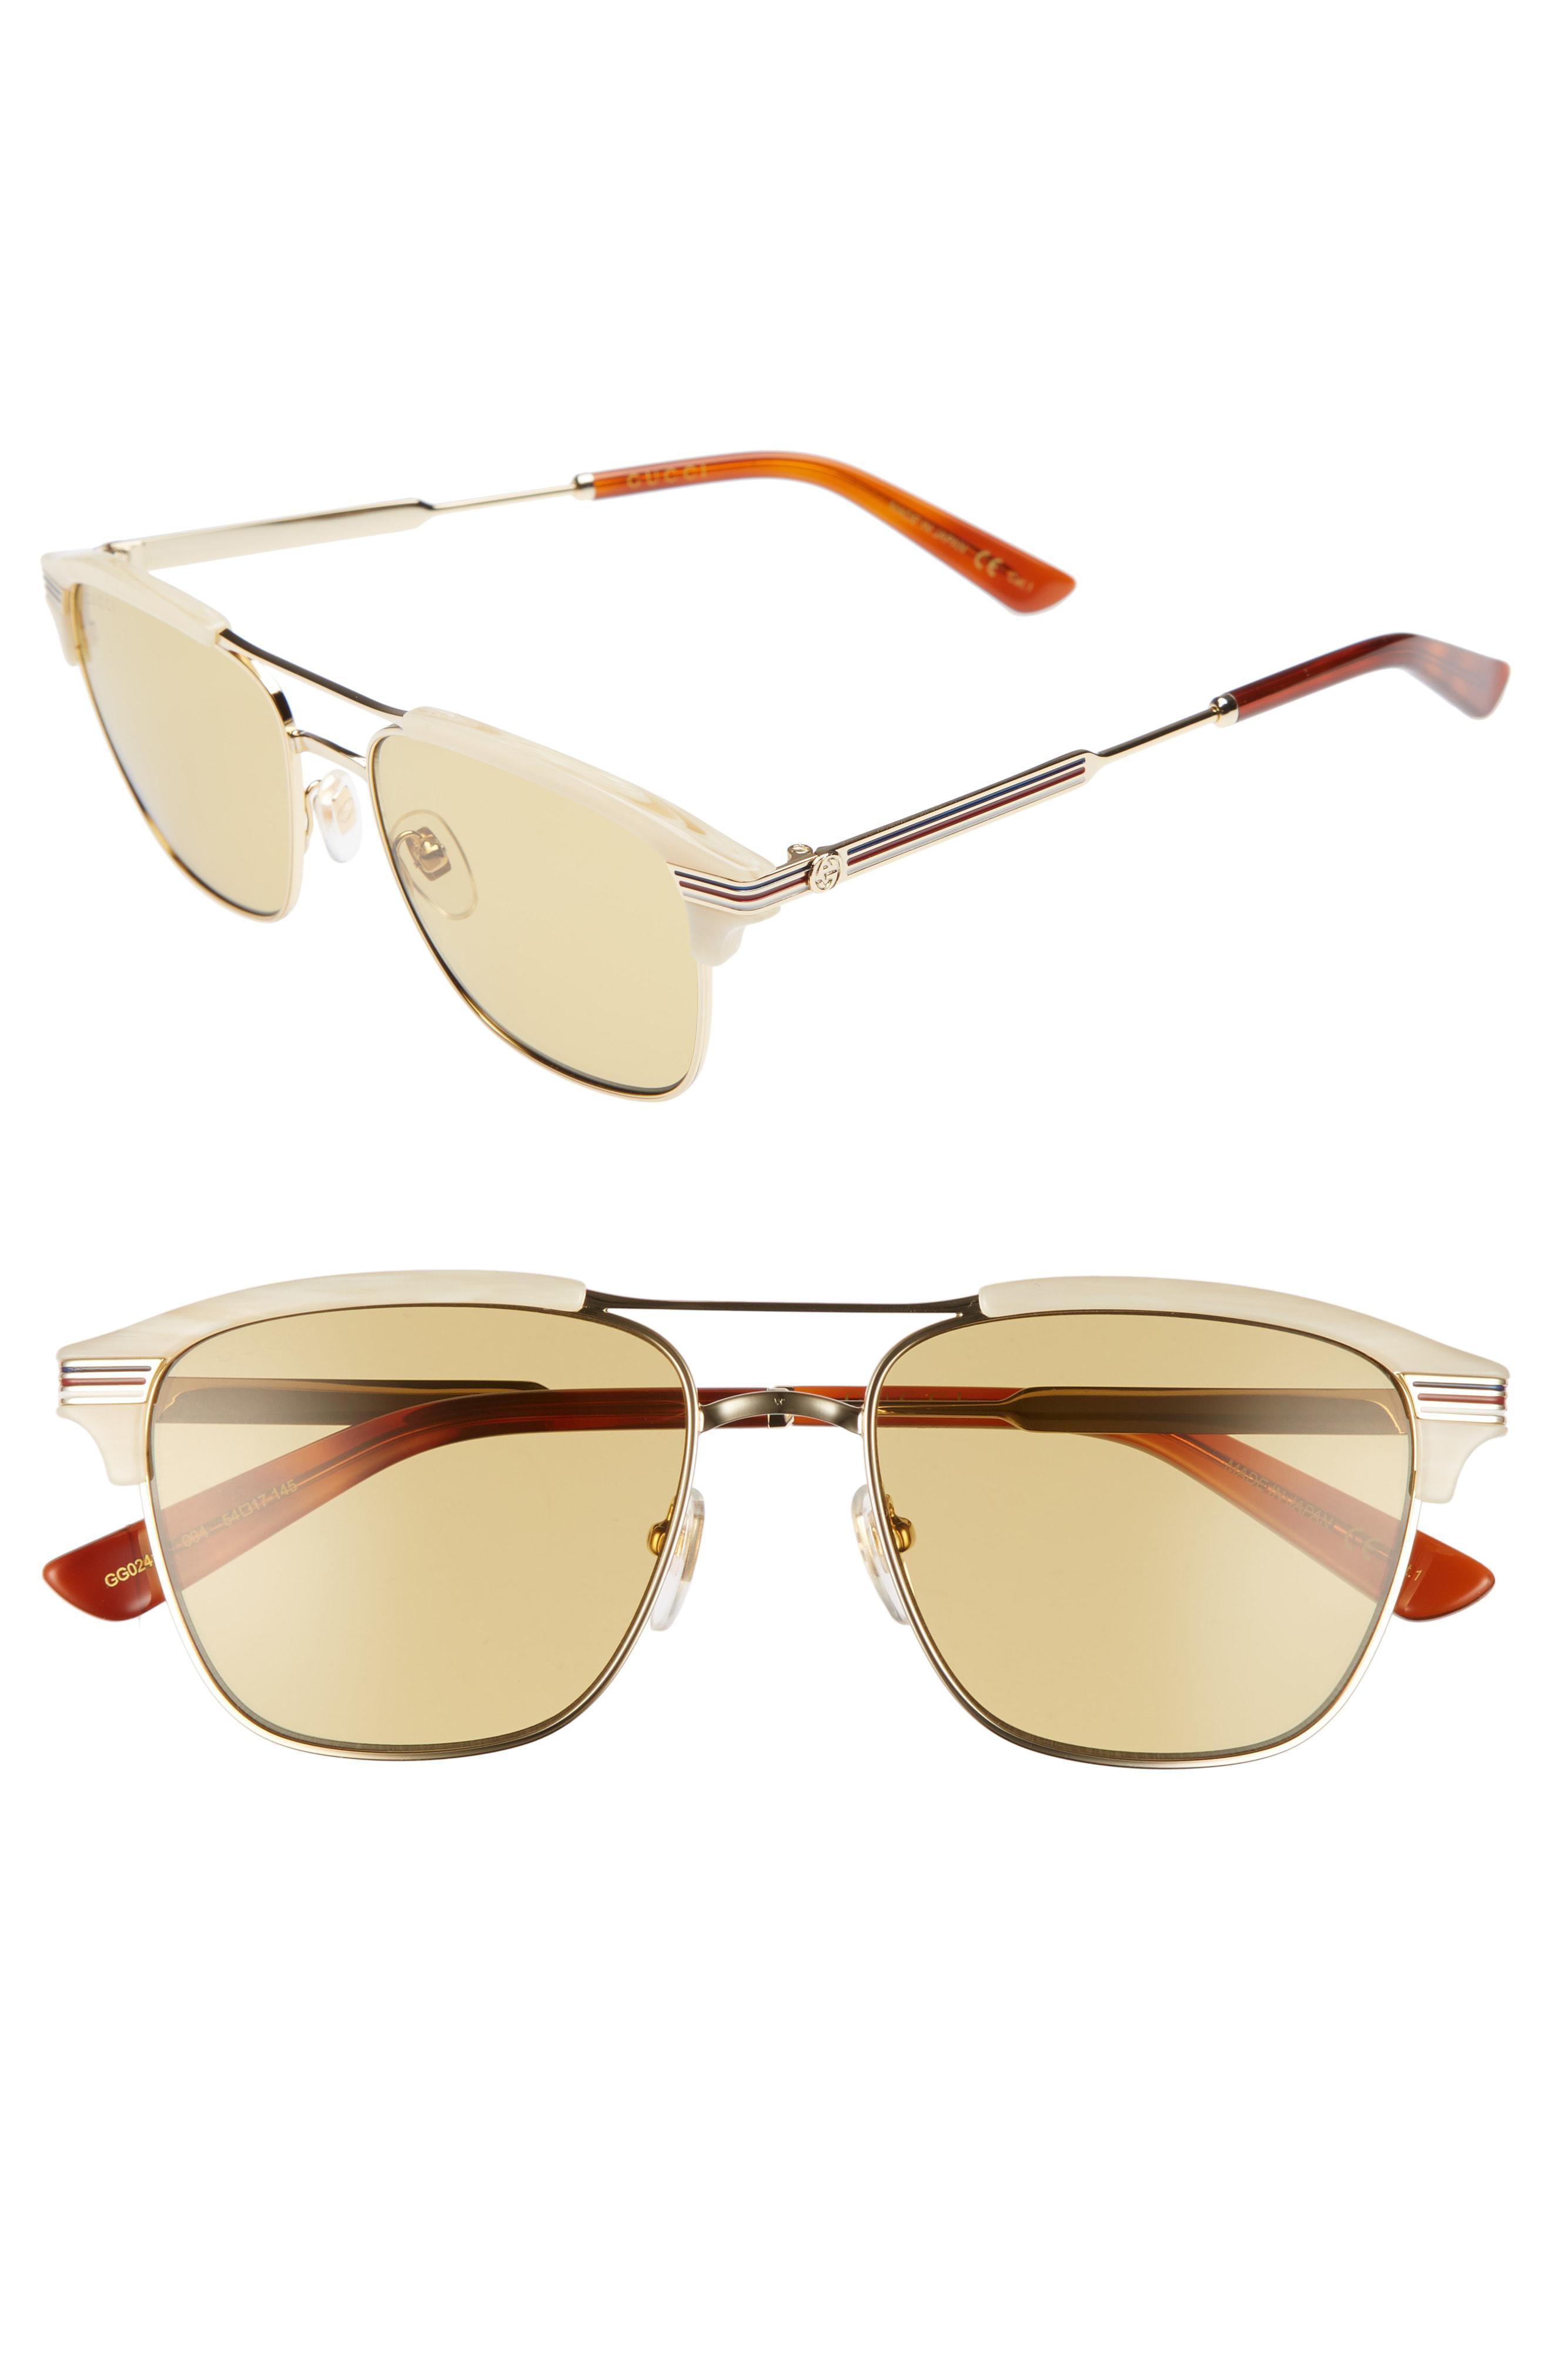 20da823522 Gucci Cruise 54mm Sunglasses in Metallic for Men - Lyst